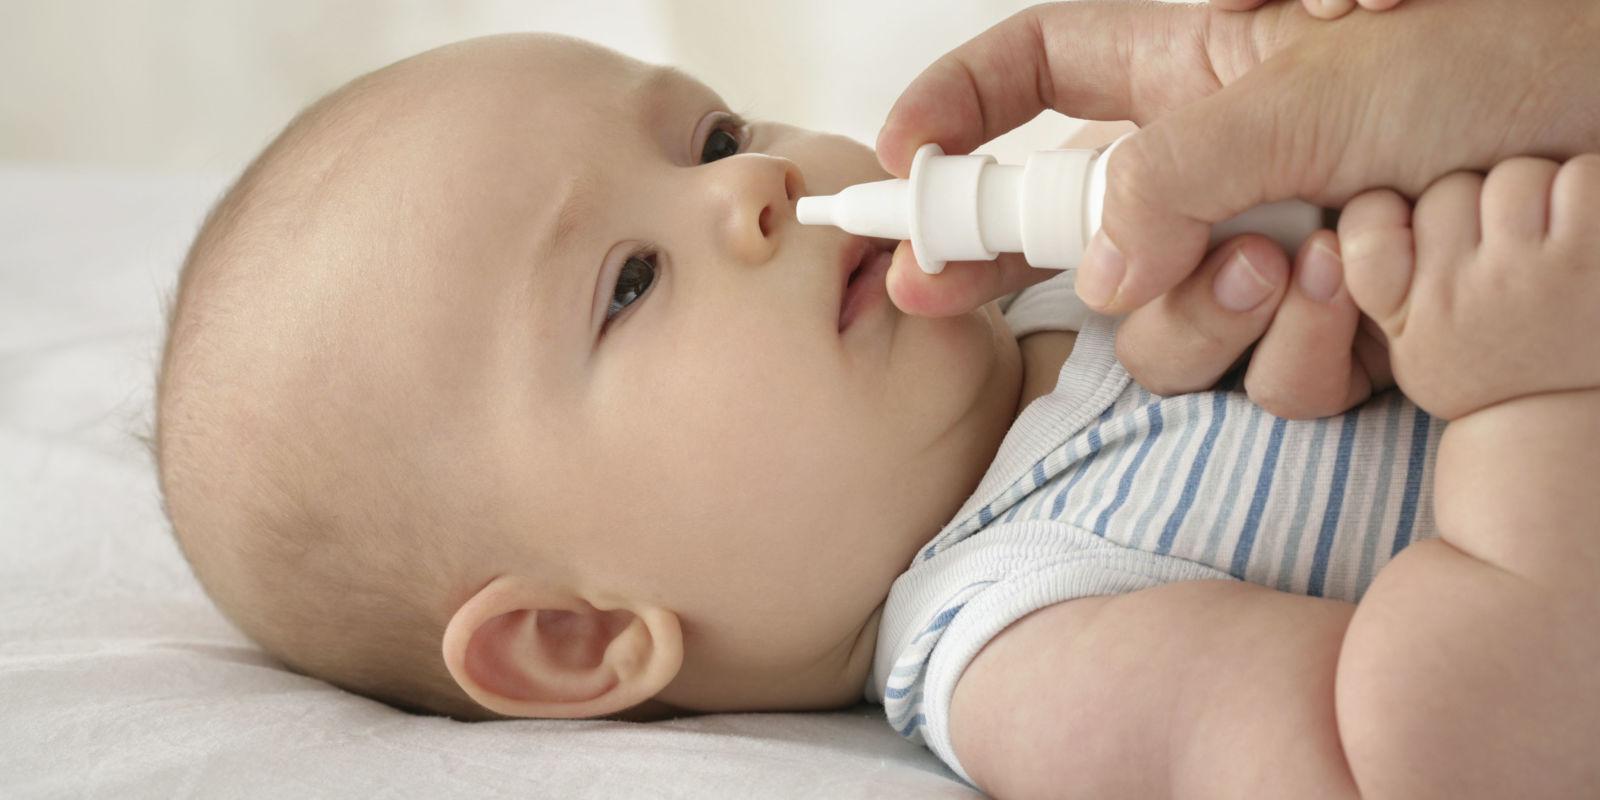 Trẻ sơ sinh bị ngạt mũi và ho, bố mẹ phải làm gì? - Ảnh 2